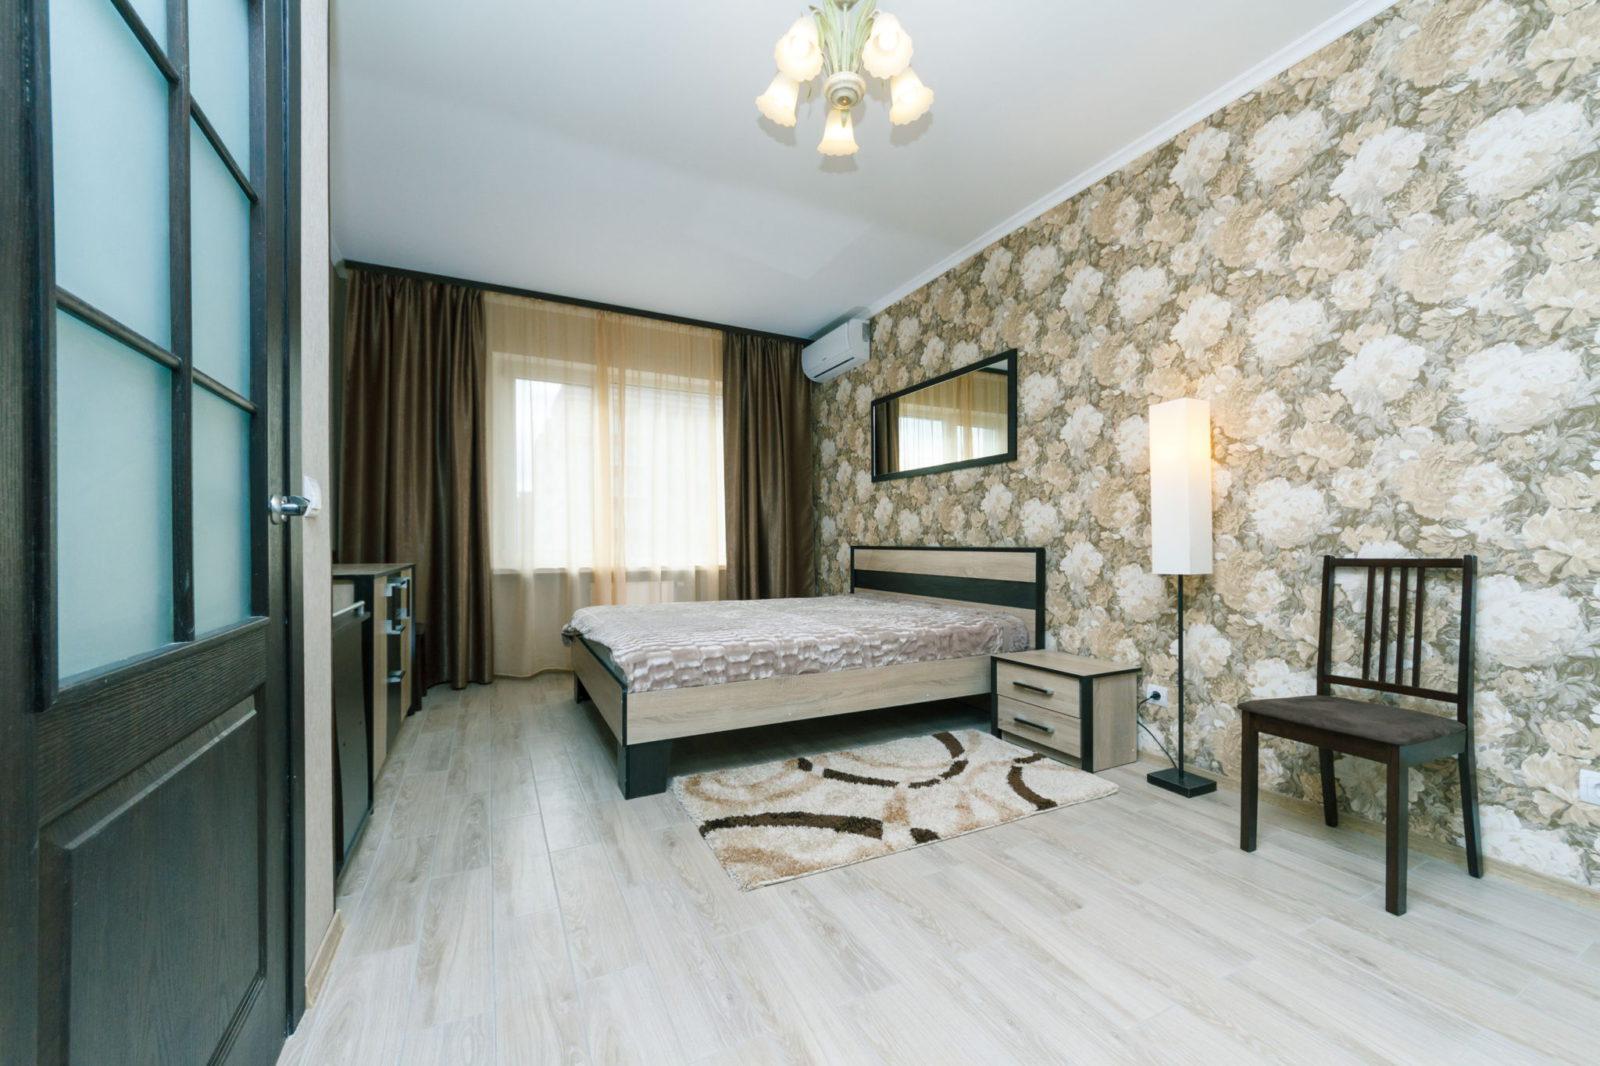 58% арендаторов Киева ищут однокомнатные квартиры — исследование